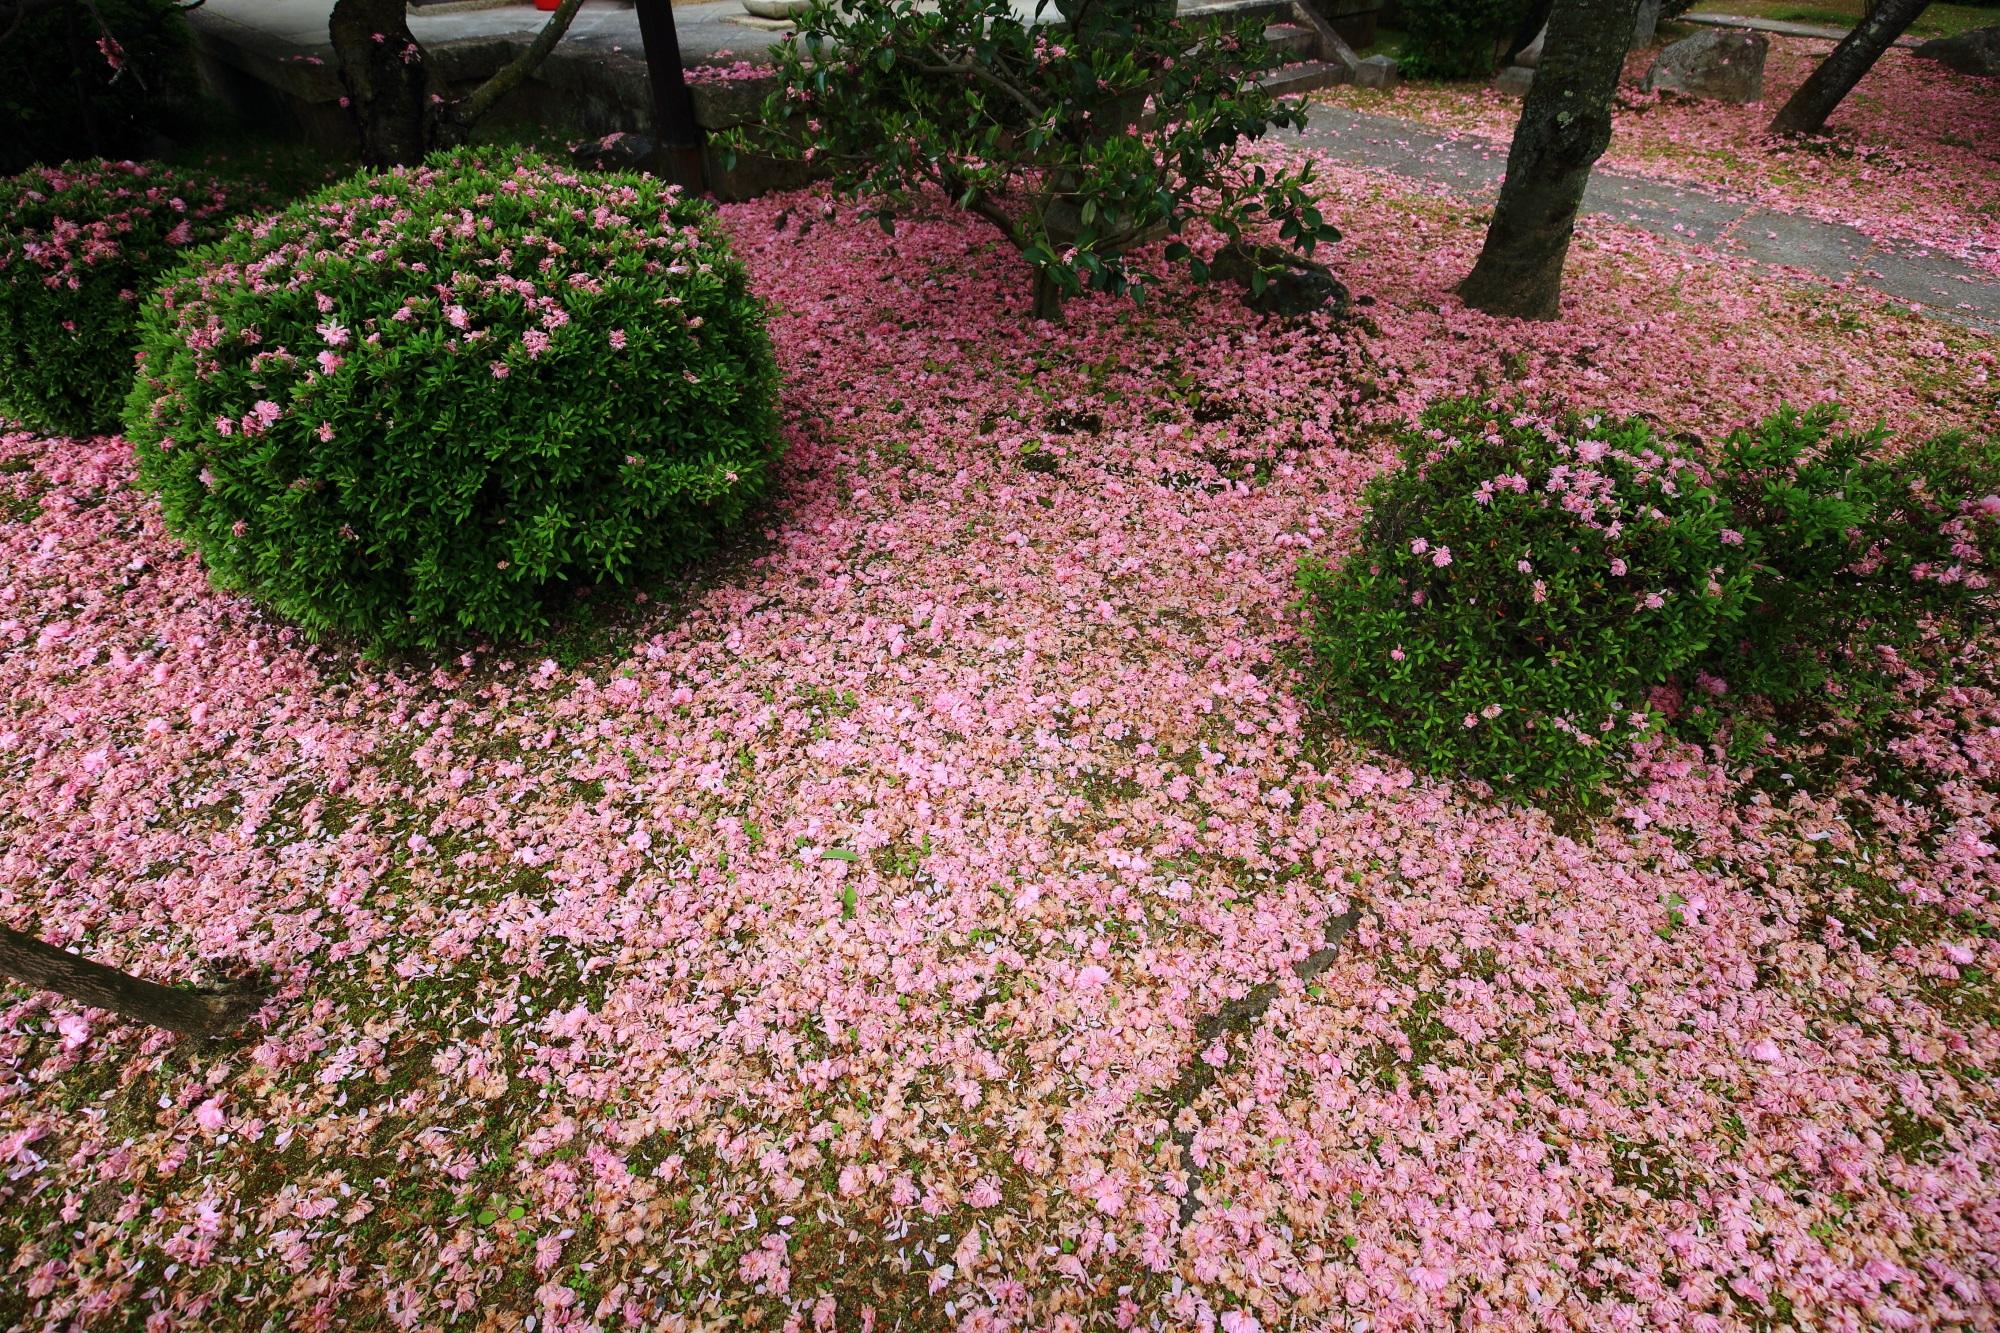 緑の刈り込みが浮かぶようなピンクの絨毯